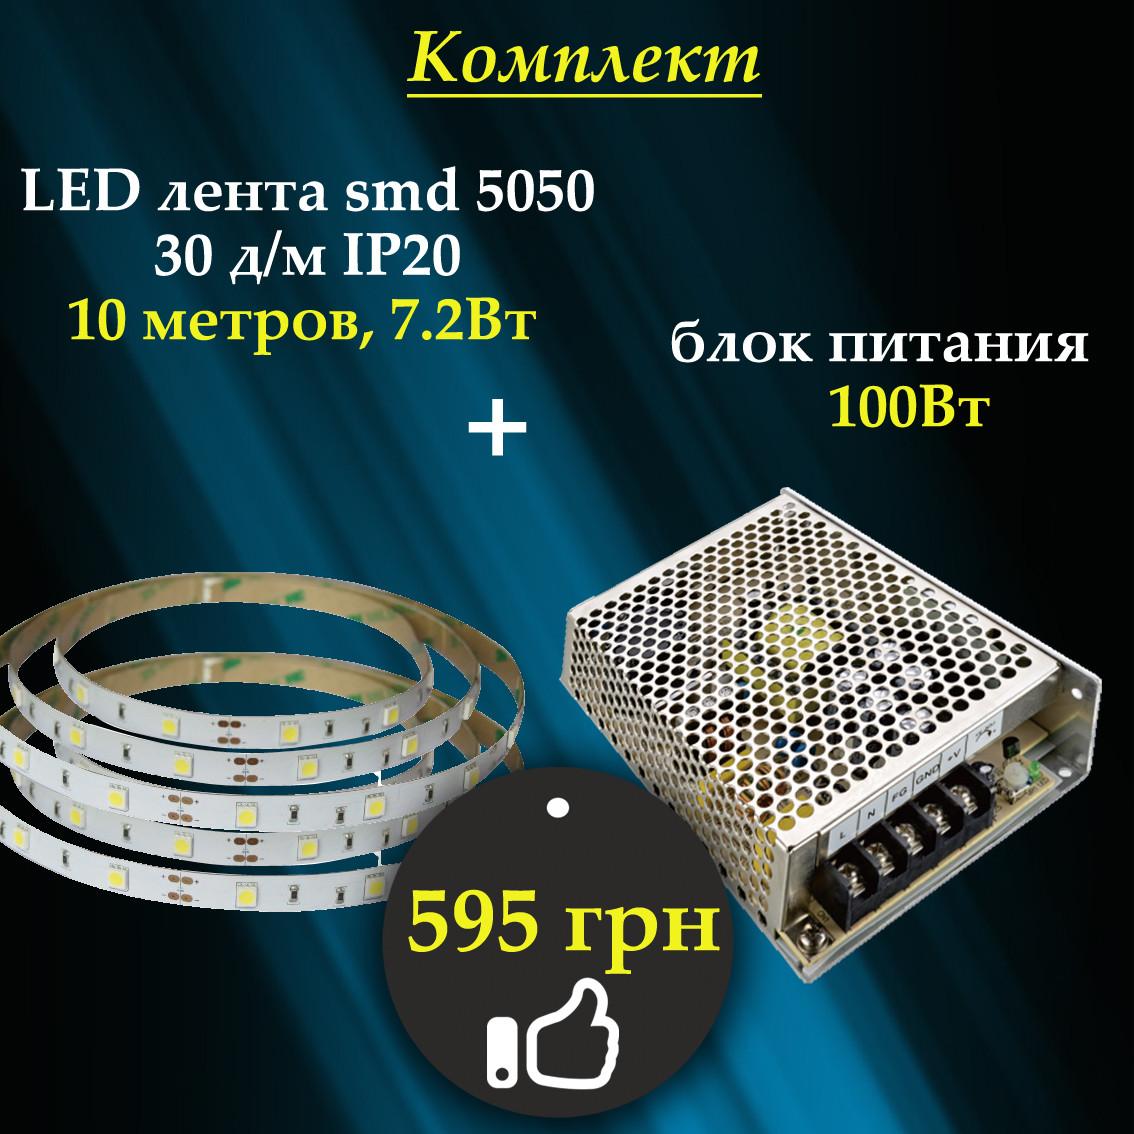 Комплект Светодиодная лента smd 5050/30д + блок питания 100Вт